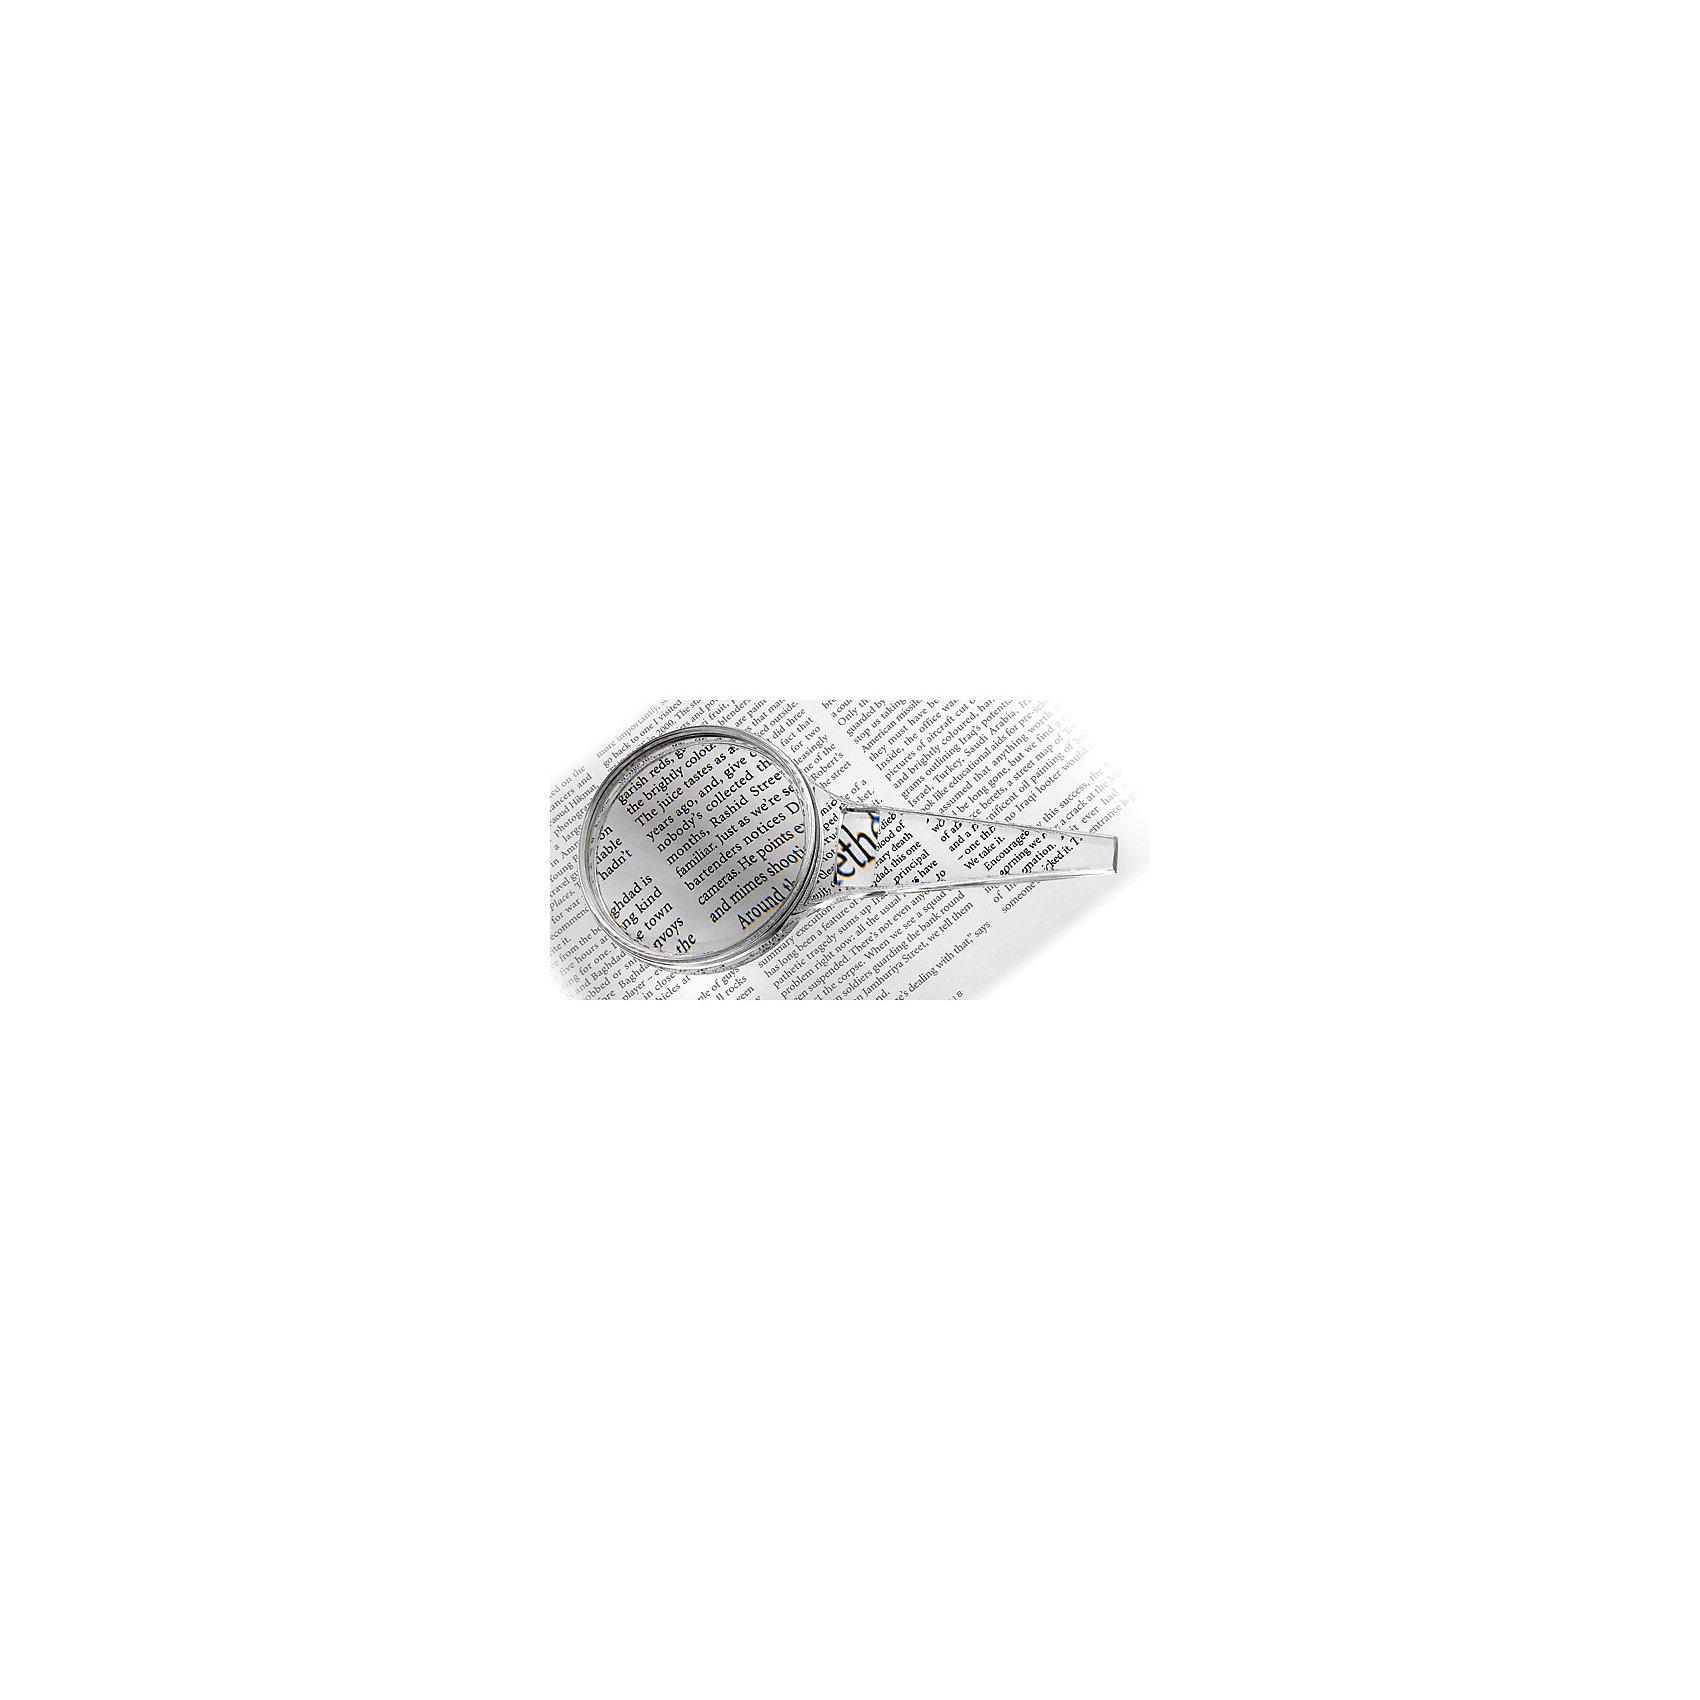 Лупа, Edu-ToysЭксперименты и опыты<br>Лупа, Edu-Toys станет замечательным помощником для Вашего ребенка в его исследованиях окружающего мира и природы. Высококачественная стеклянная оптика обеспечивает отличное качество изображения. Большая лупа имеет диаметр 60 мм. и 3-кратное увеличение, ручка также оснащена дополнительной квадратной лупой 20 мм. x 10 мм. с  6-кратным увеличением. Небольшие размеры позволяют всегда держать ее под рукой.  <br><br>Дополнительная информация:<br><br>- Материал: пластик, стекло.<br>- Диаметр: 60 мм.<br>- Размер: 6 х 2 х 1 см.<br>- Вес: 60 гр.<br><br>Лупу, Edu-Toys, можно купить в нашем интернет-магазине.<br><br>Ширина мм: 70<br>Глубина мм: 15<br>Высота мм: 120<br>Вес г: 60<br>Возраст от месяцев: 72<br>Возраст до месяцев: 120<br>Пол: Унисекс<br>Возраст: Детский<br>SKU: 4013707